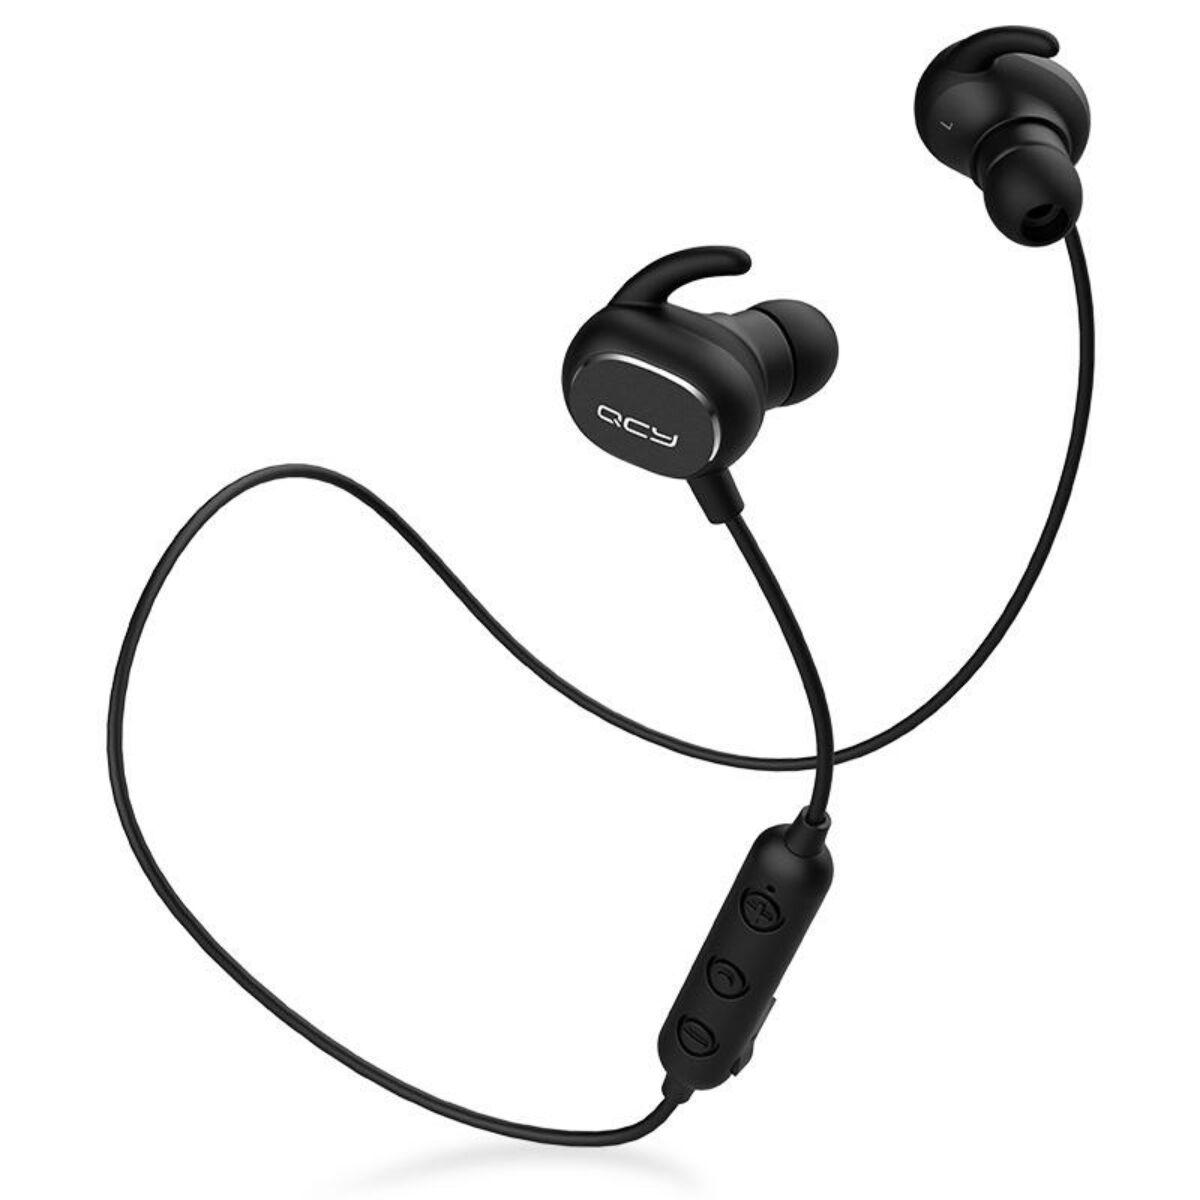 QCY-QY19 Sport Bluetooth 5.0 sztereo fülhallgató mikrofonnal, fekete